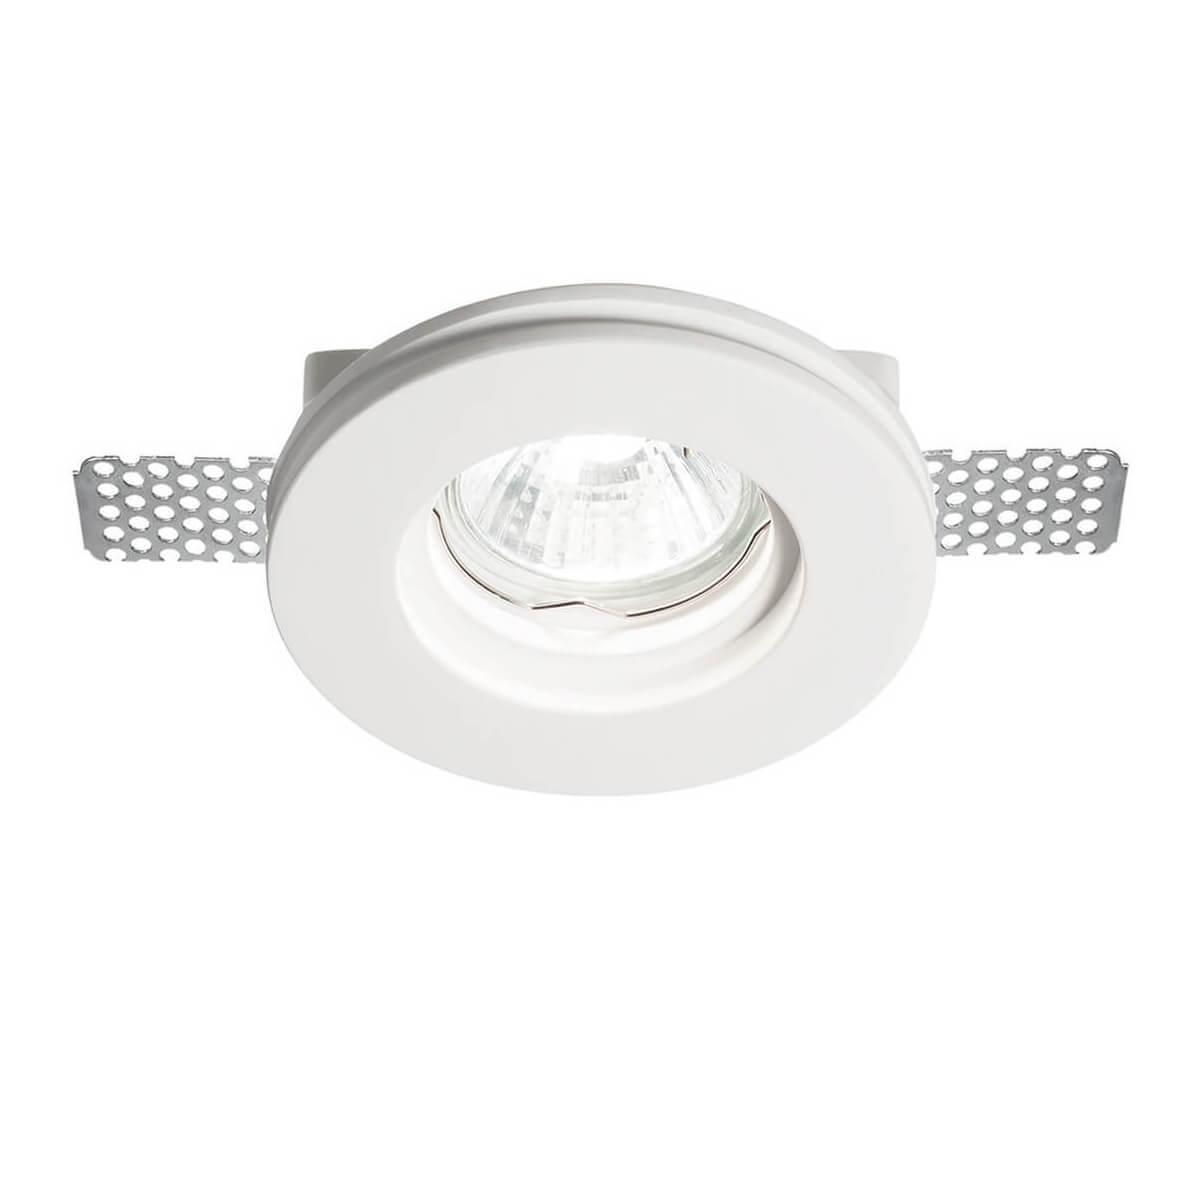 Встраиваемый светильник Ideal Lux Samba Round D60 150307